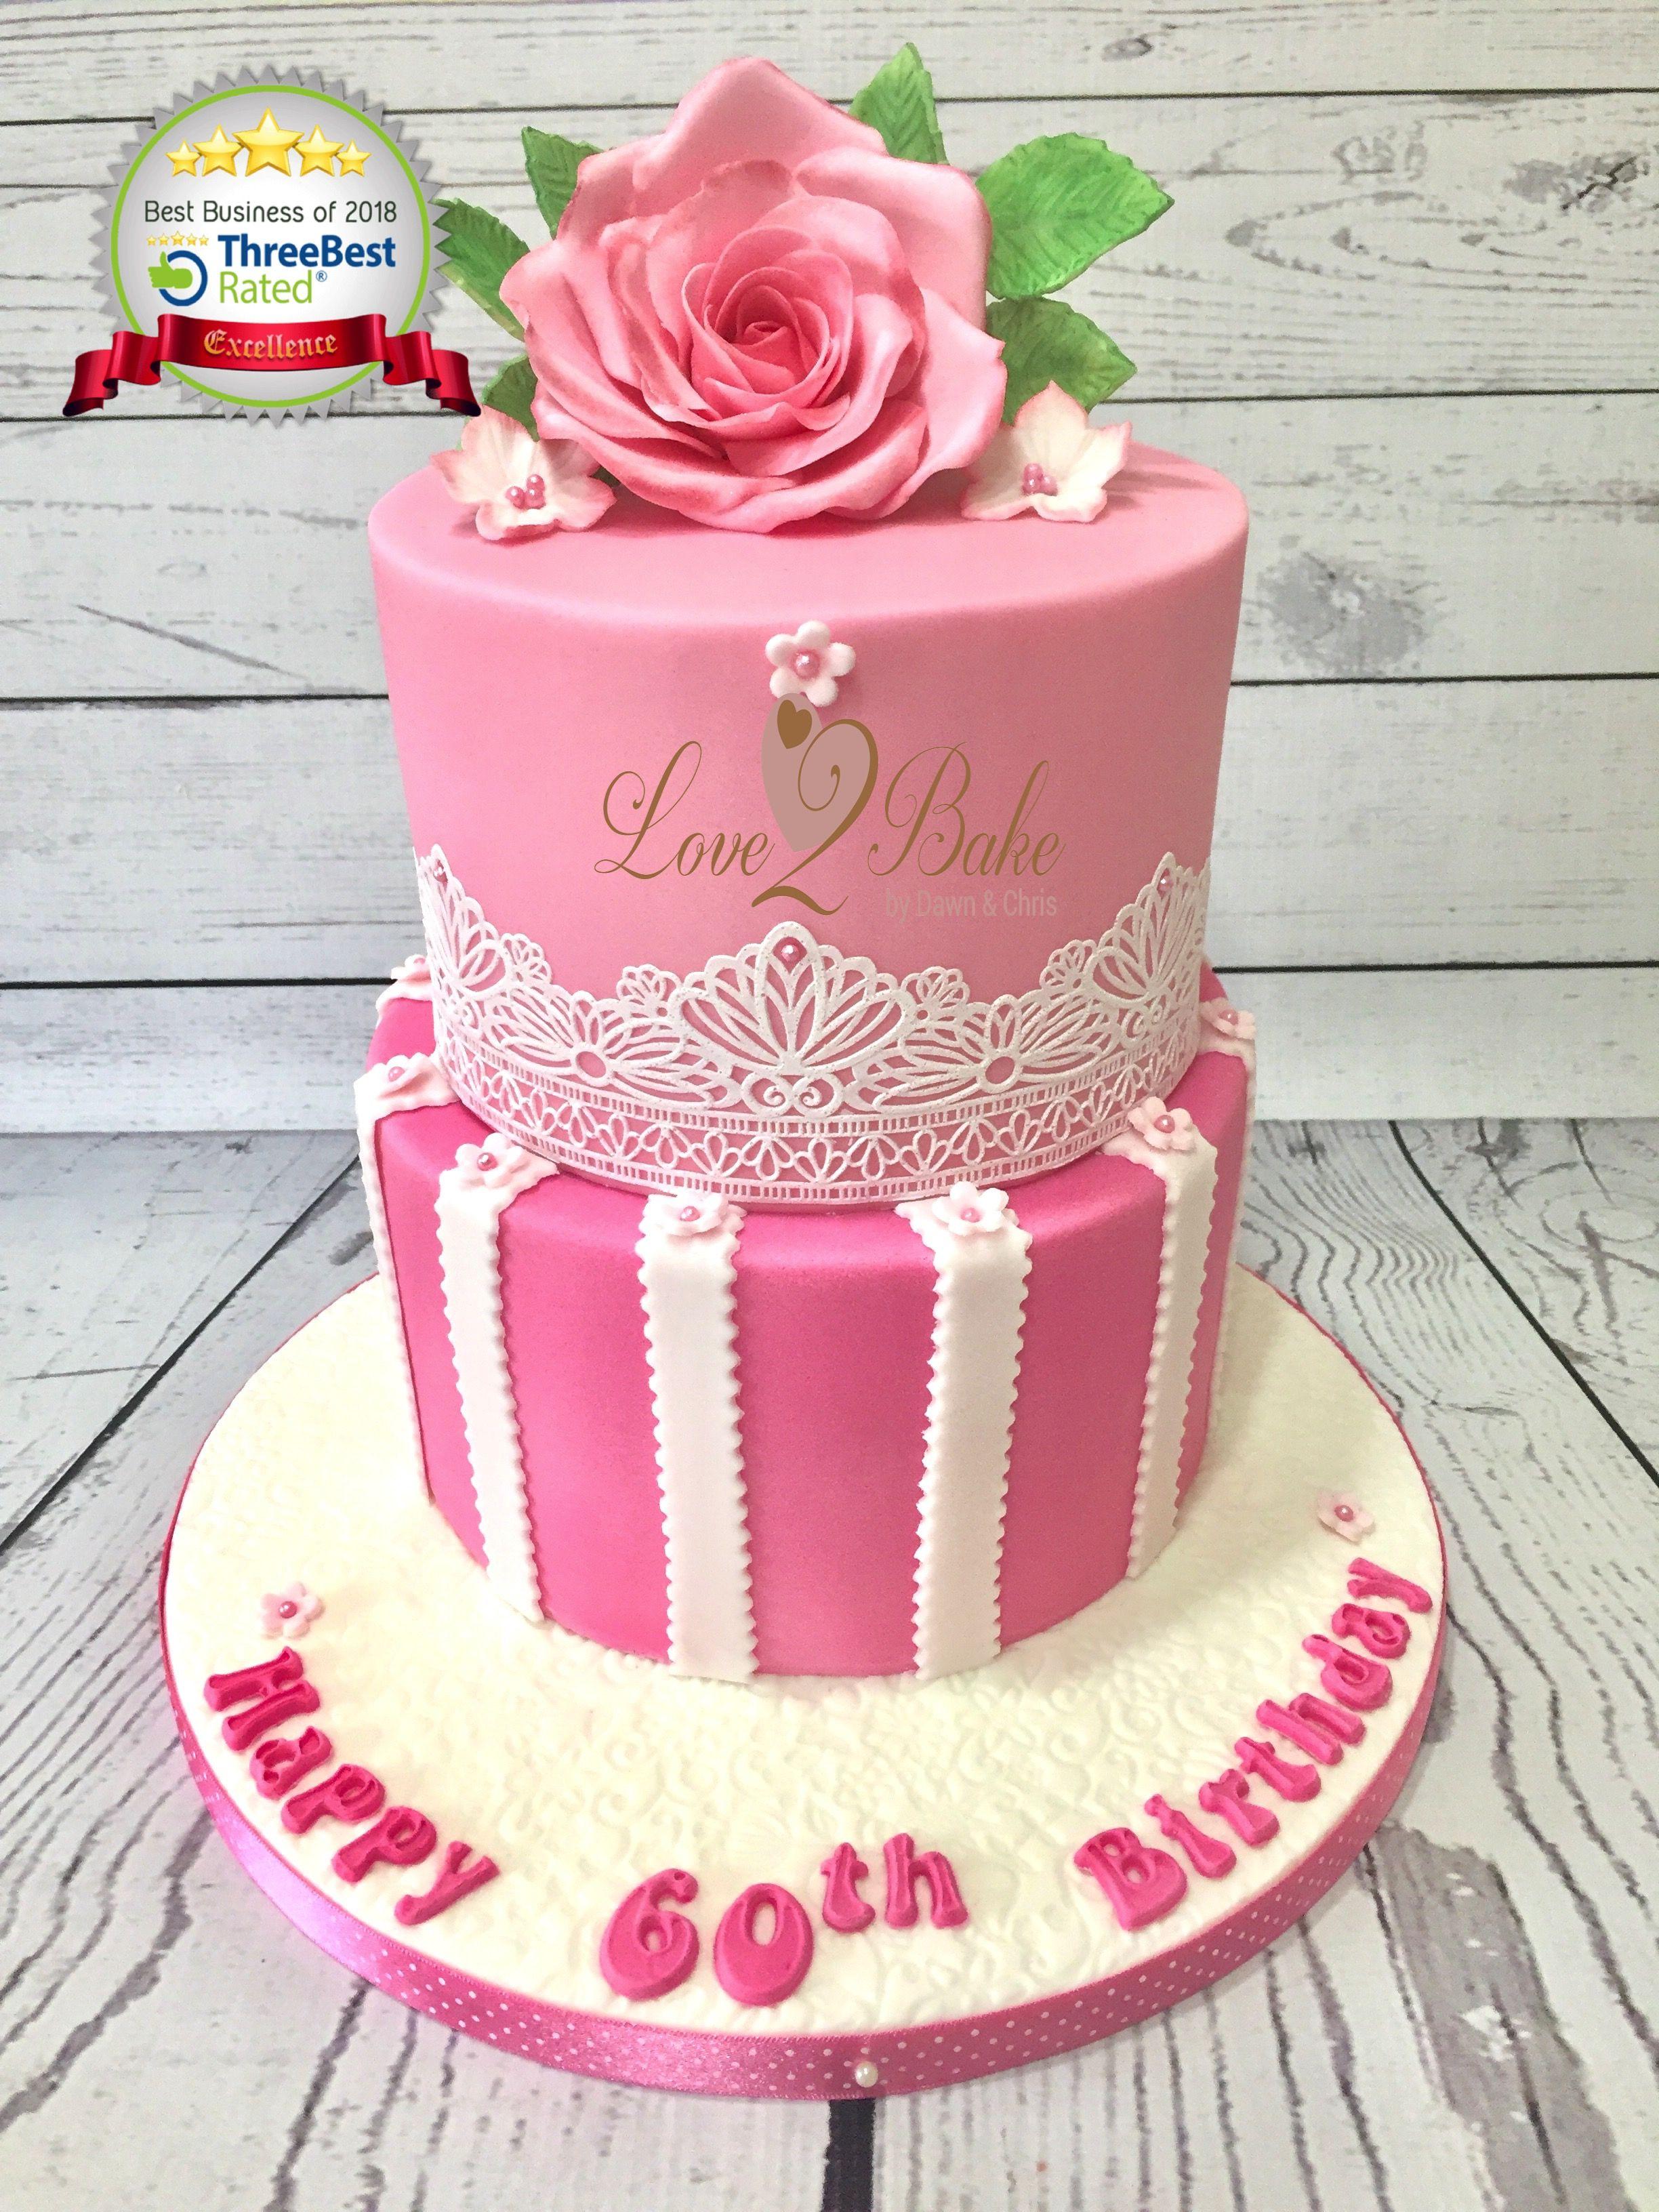 Pink Flower Cake By Love2bake Feb 2018 Love2bake Cakes